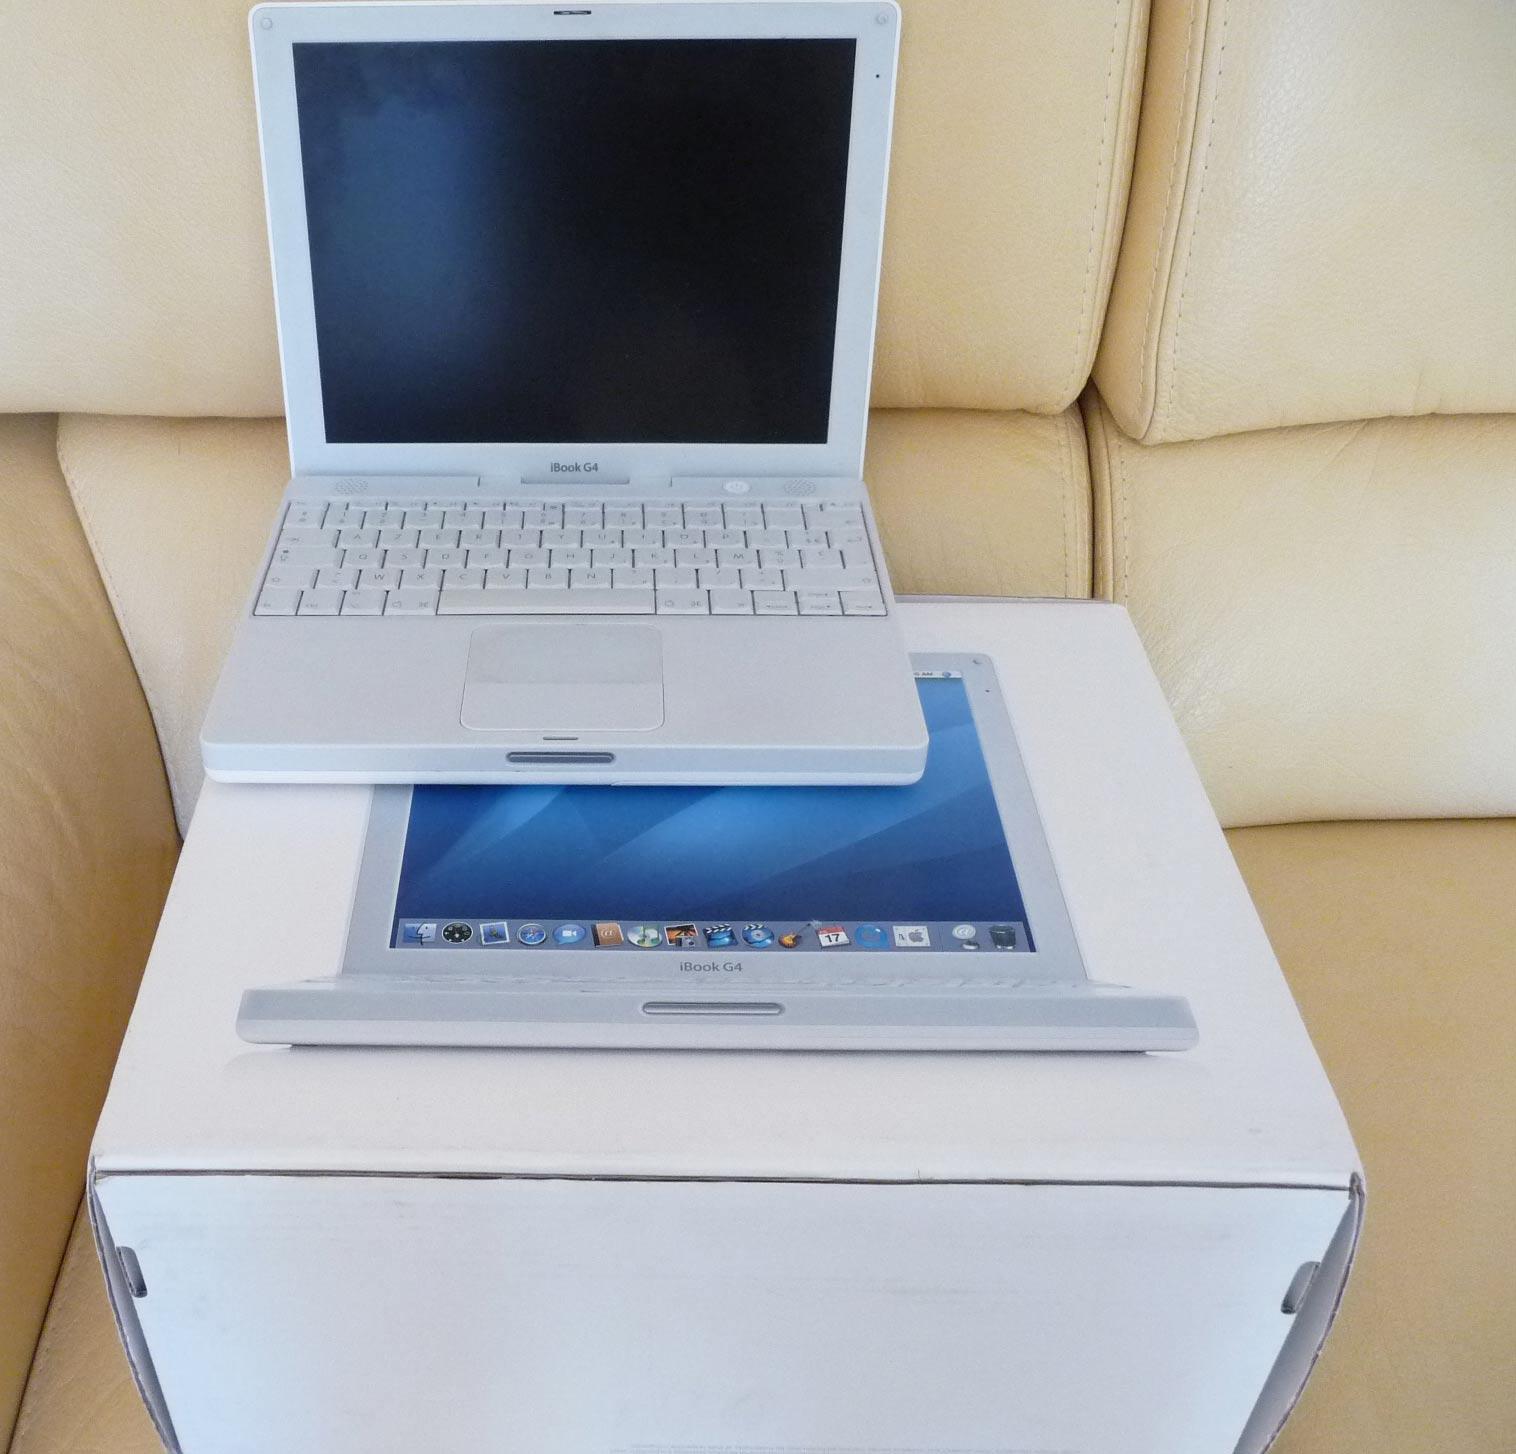 iBookG4_4.jpg